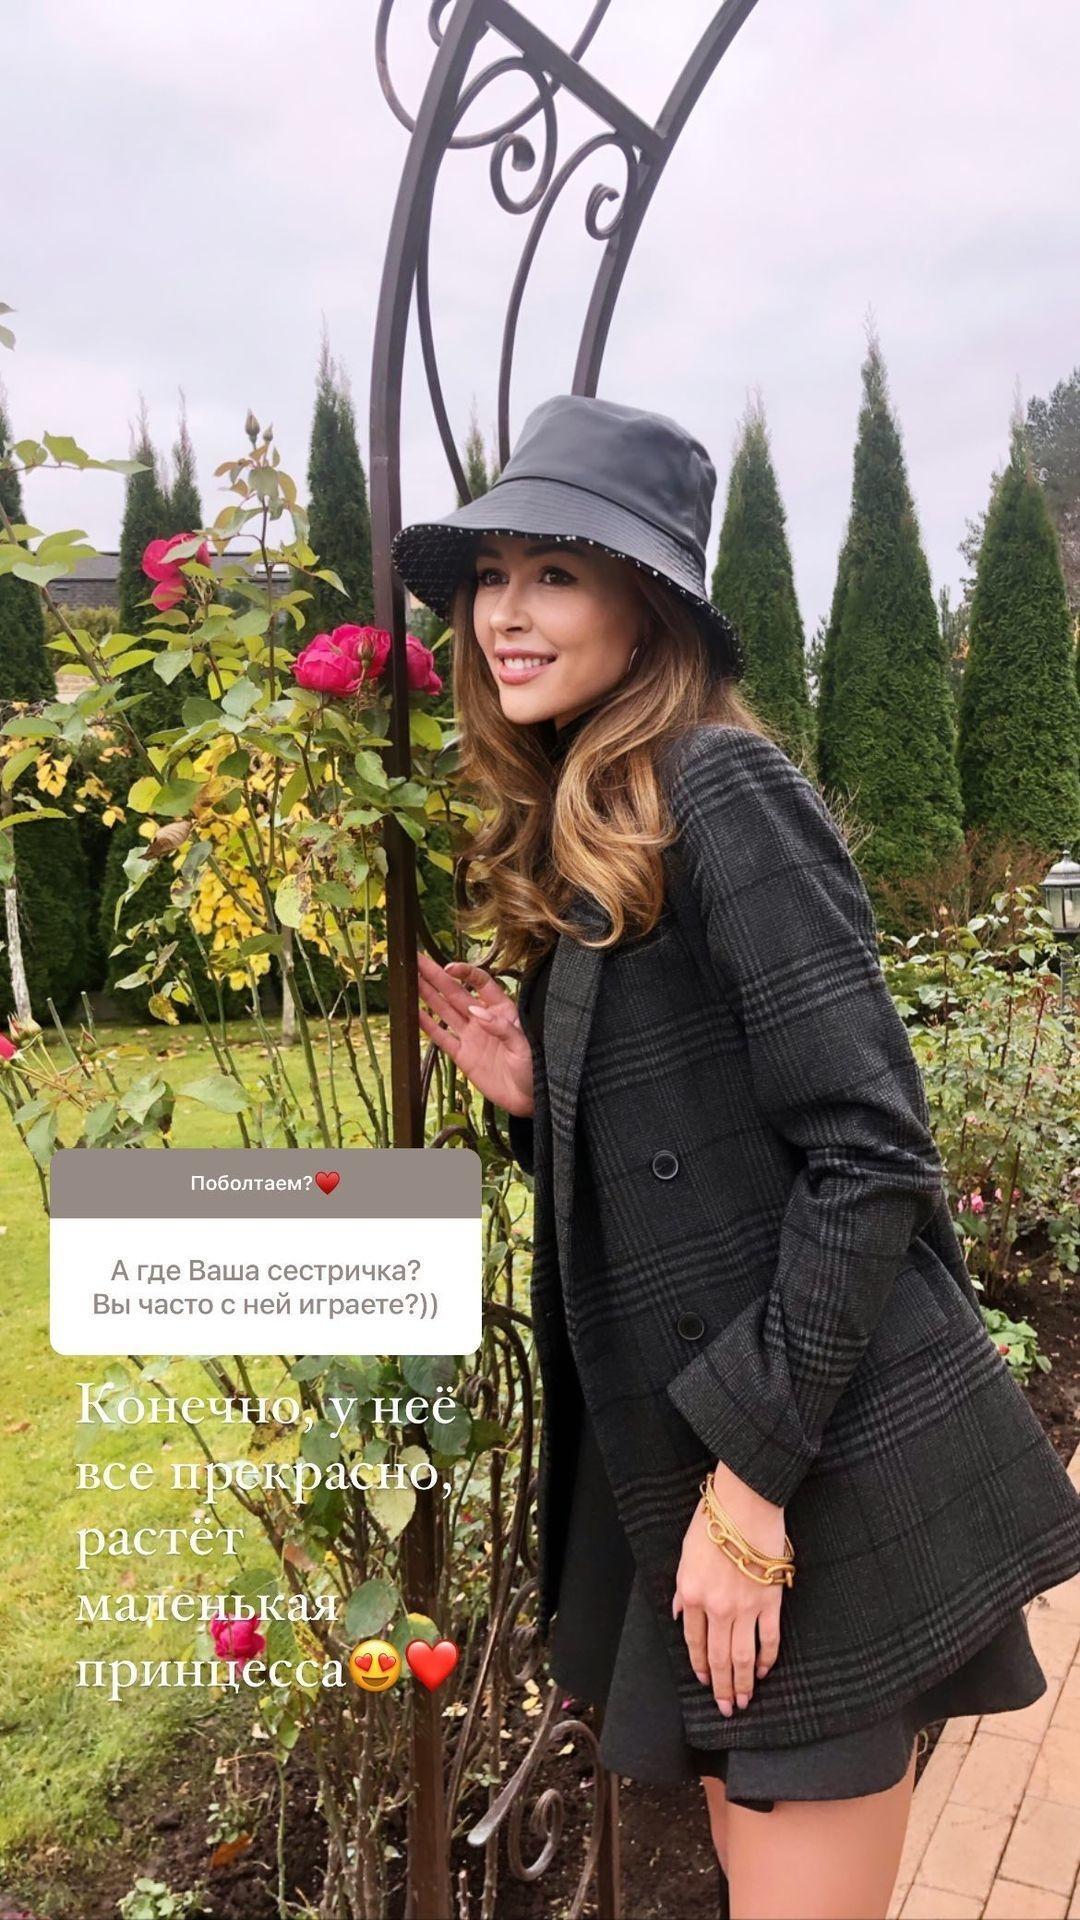 Дочь Анастасии Заворотнюк Анна рассказала о состоянии здоровья актрисы - фото №2